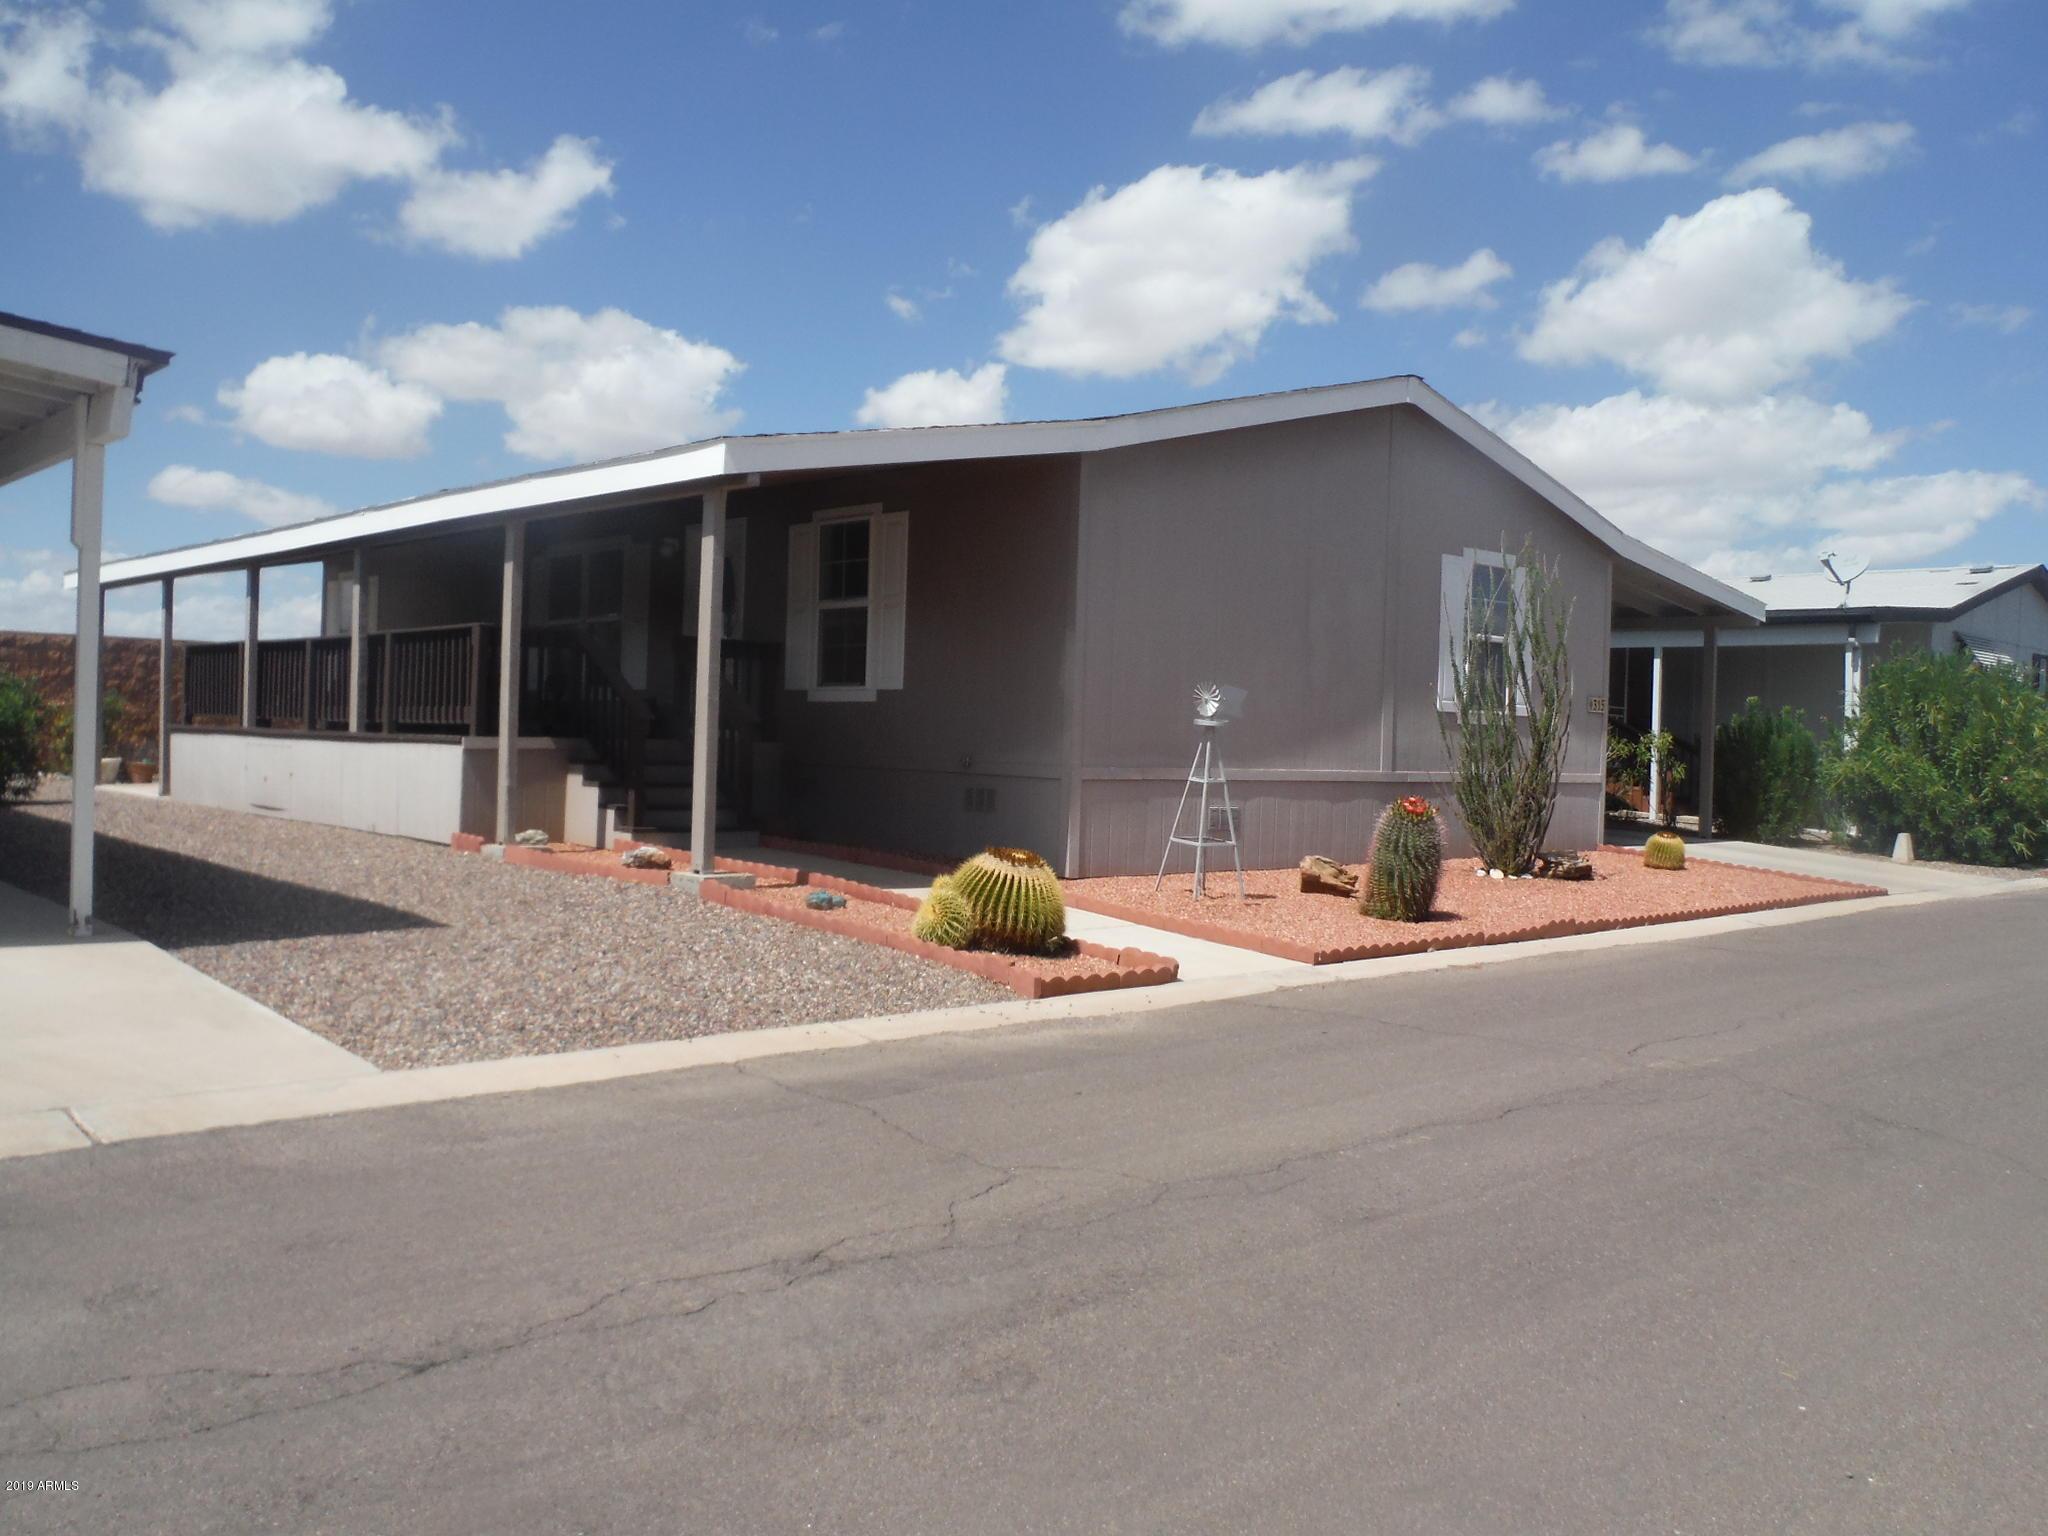 Photo of 2501 W Wickenburg Way #315, Wickenburg, AZ 85390